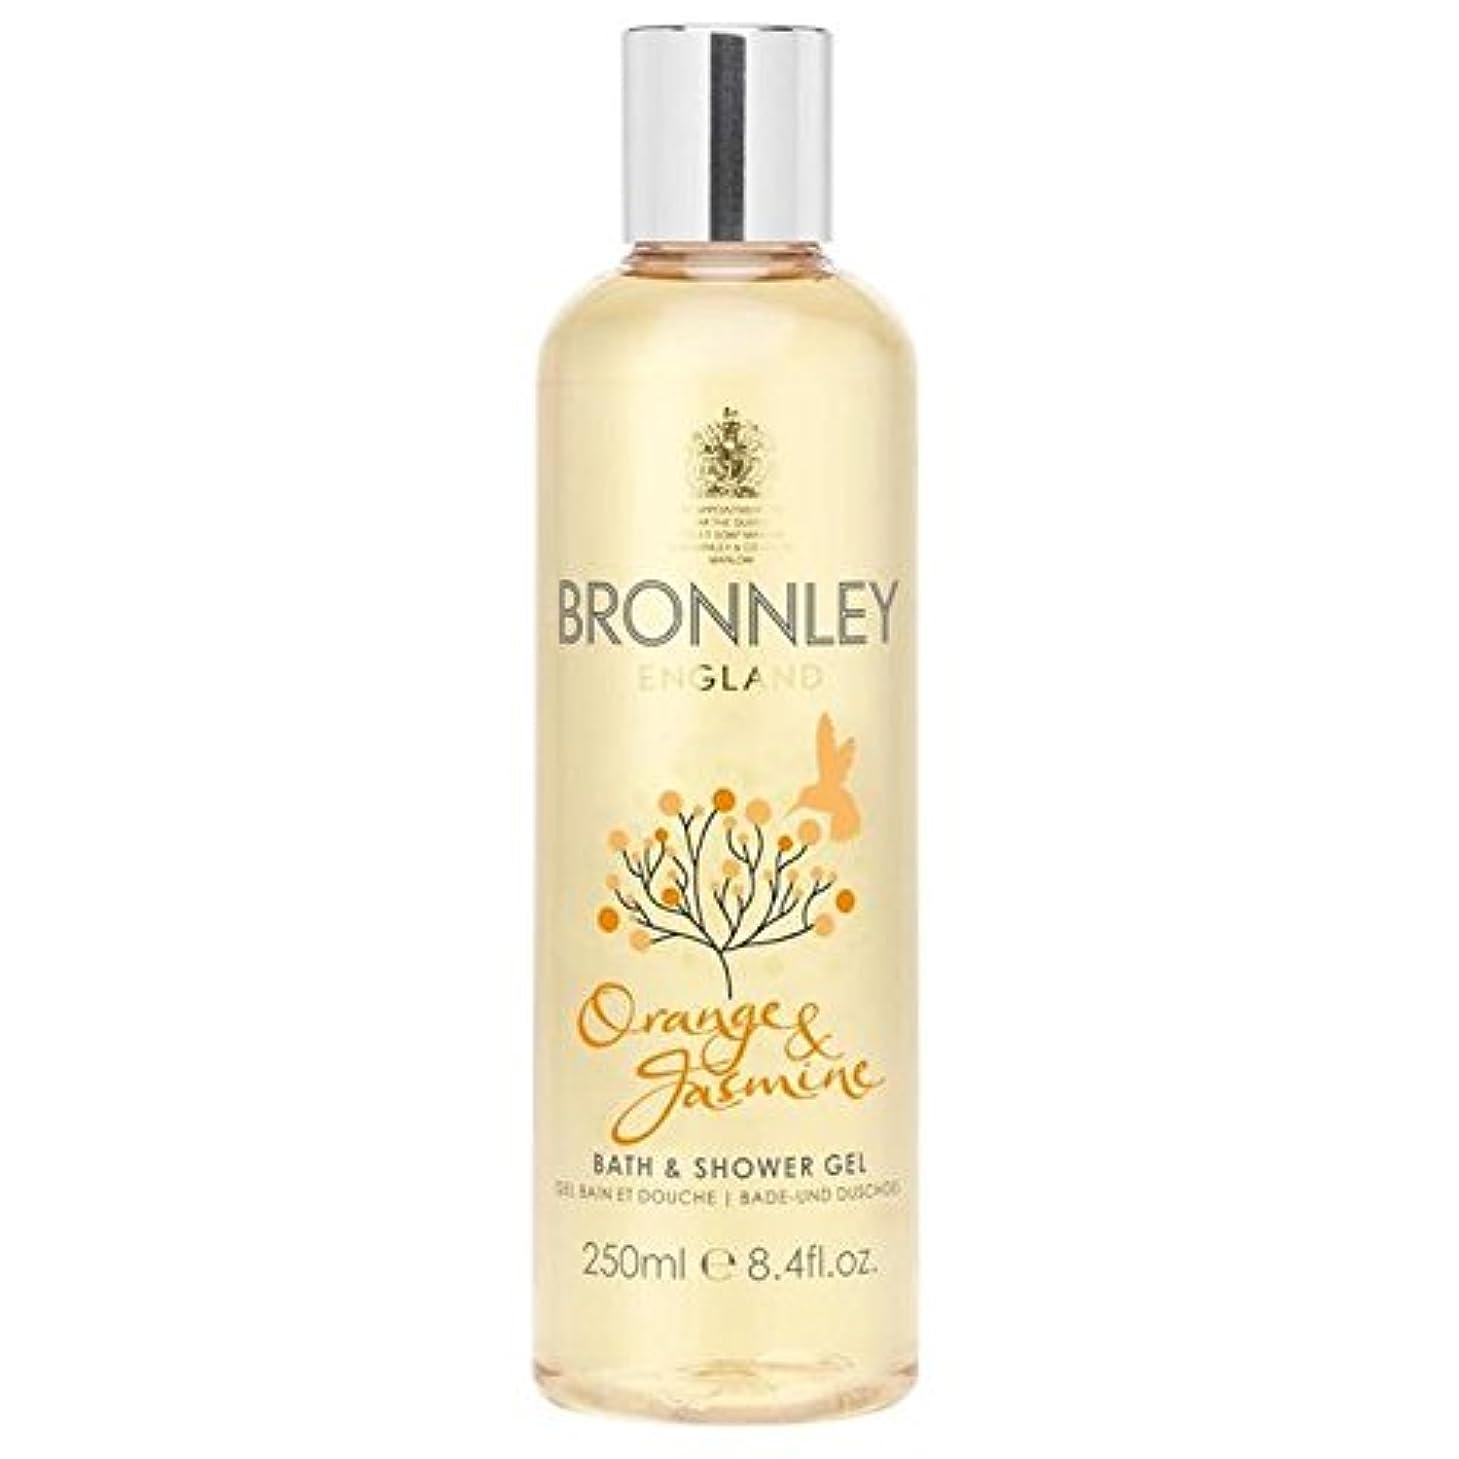 ビートストラップ盟主Bronnley Orange & Jasmine Bath & Shower Gel 250ml (Pack of 6) - オレンジ&ジャスミンバス&シャワージェル250ミリリットル x6 [並行輸入品]